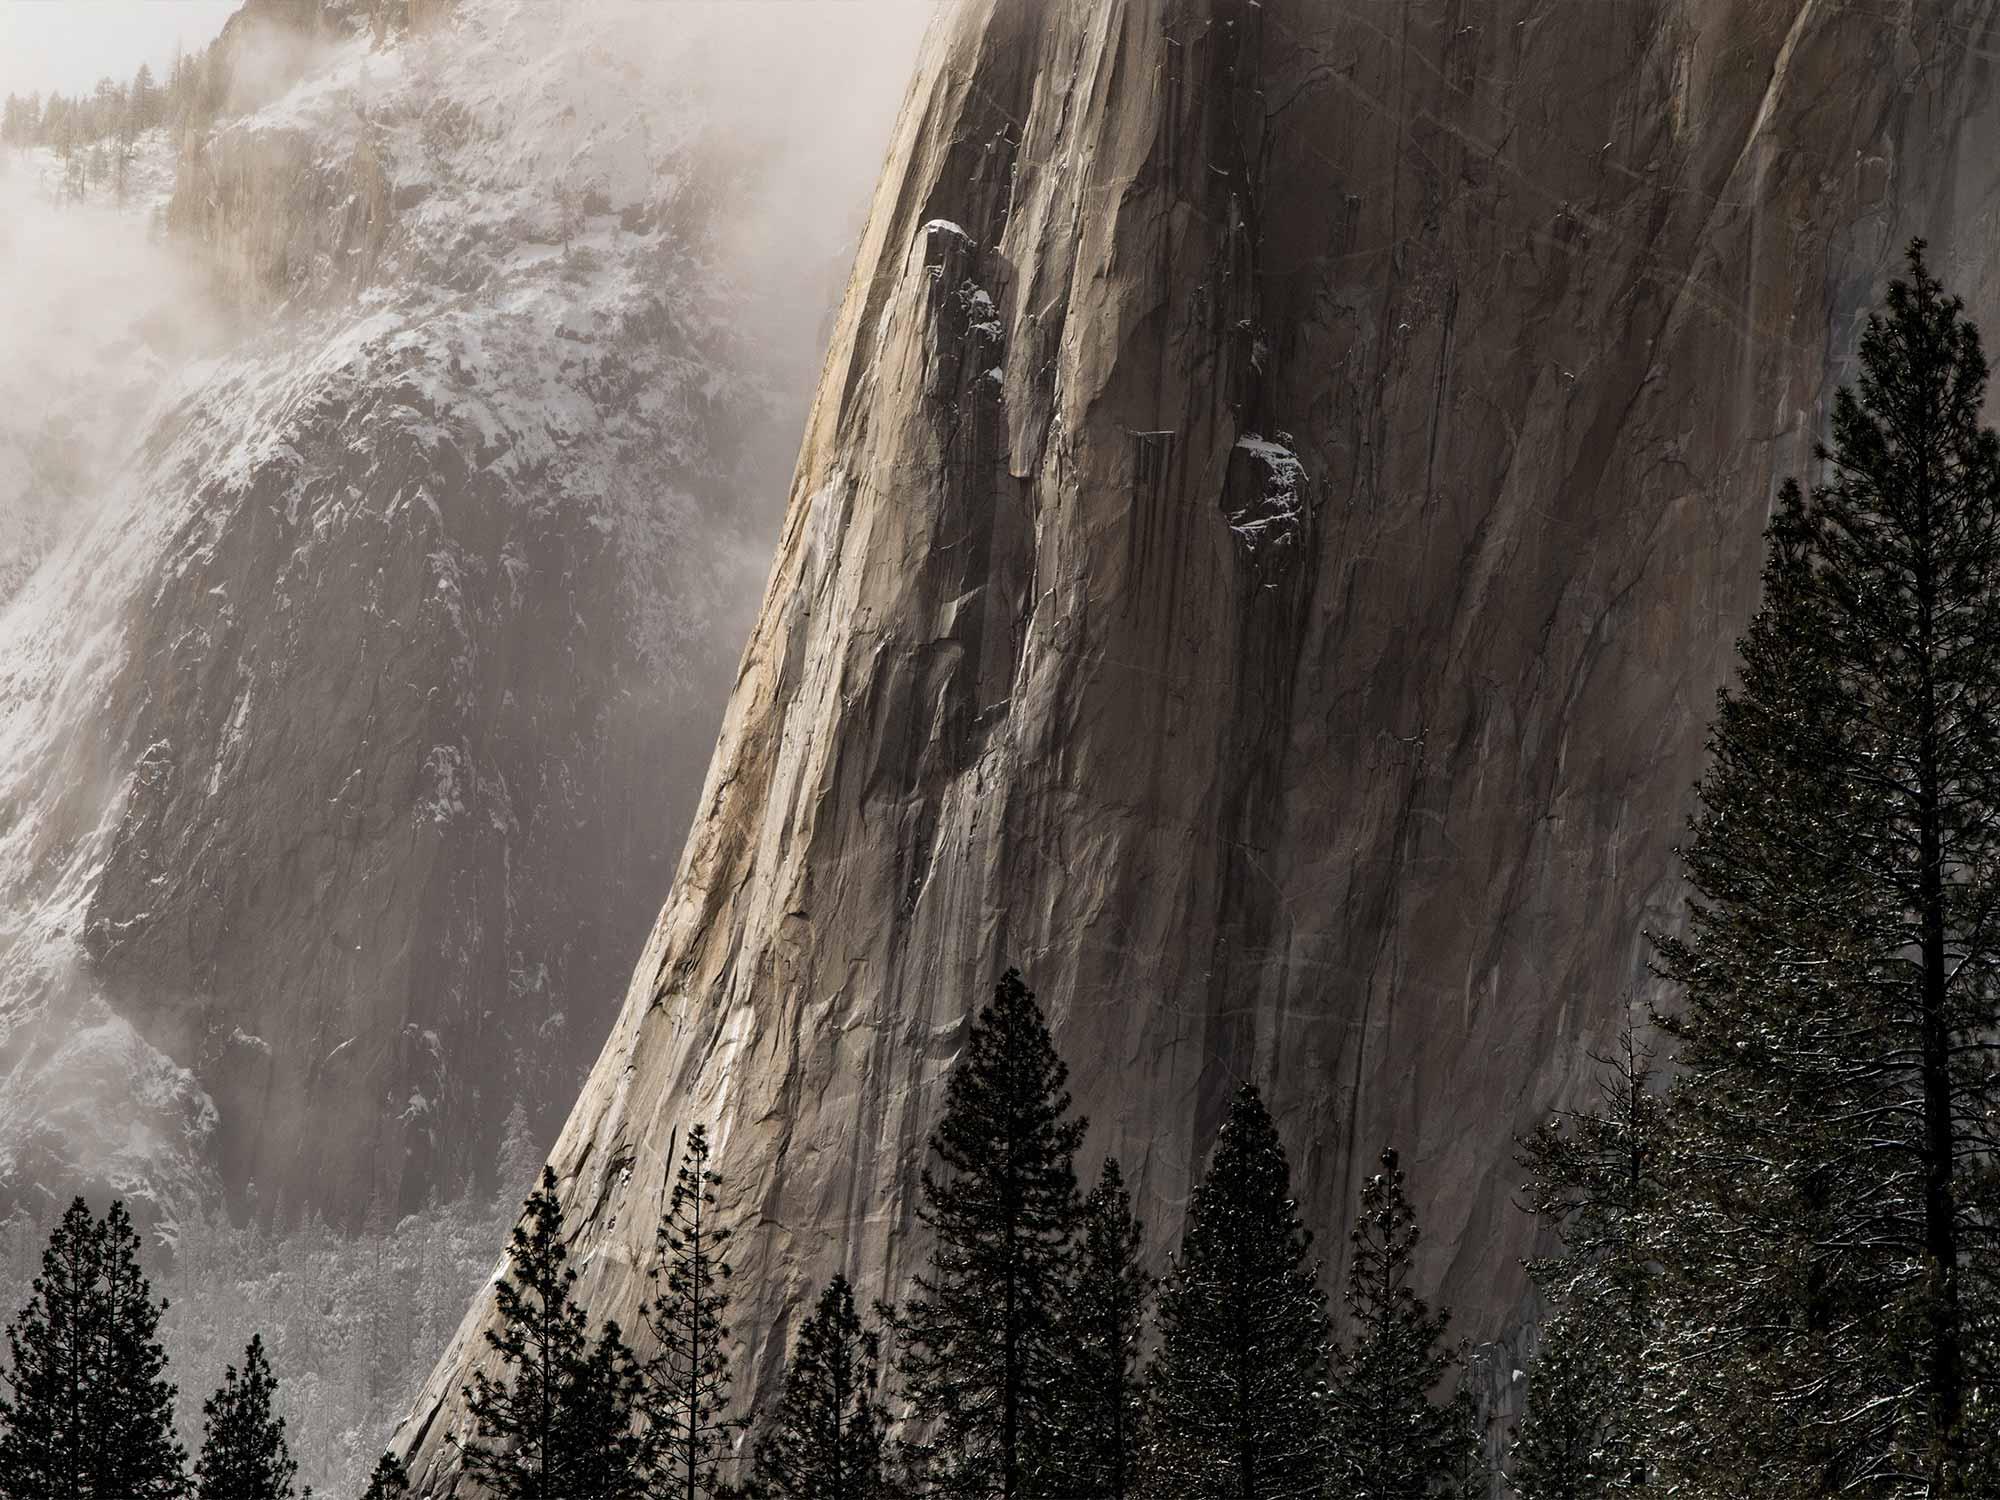 Papel de Parede Paisagens Montanhas 0007 - Adesivo de Parede   - Paredes Decoradas